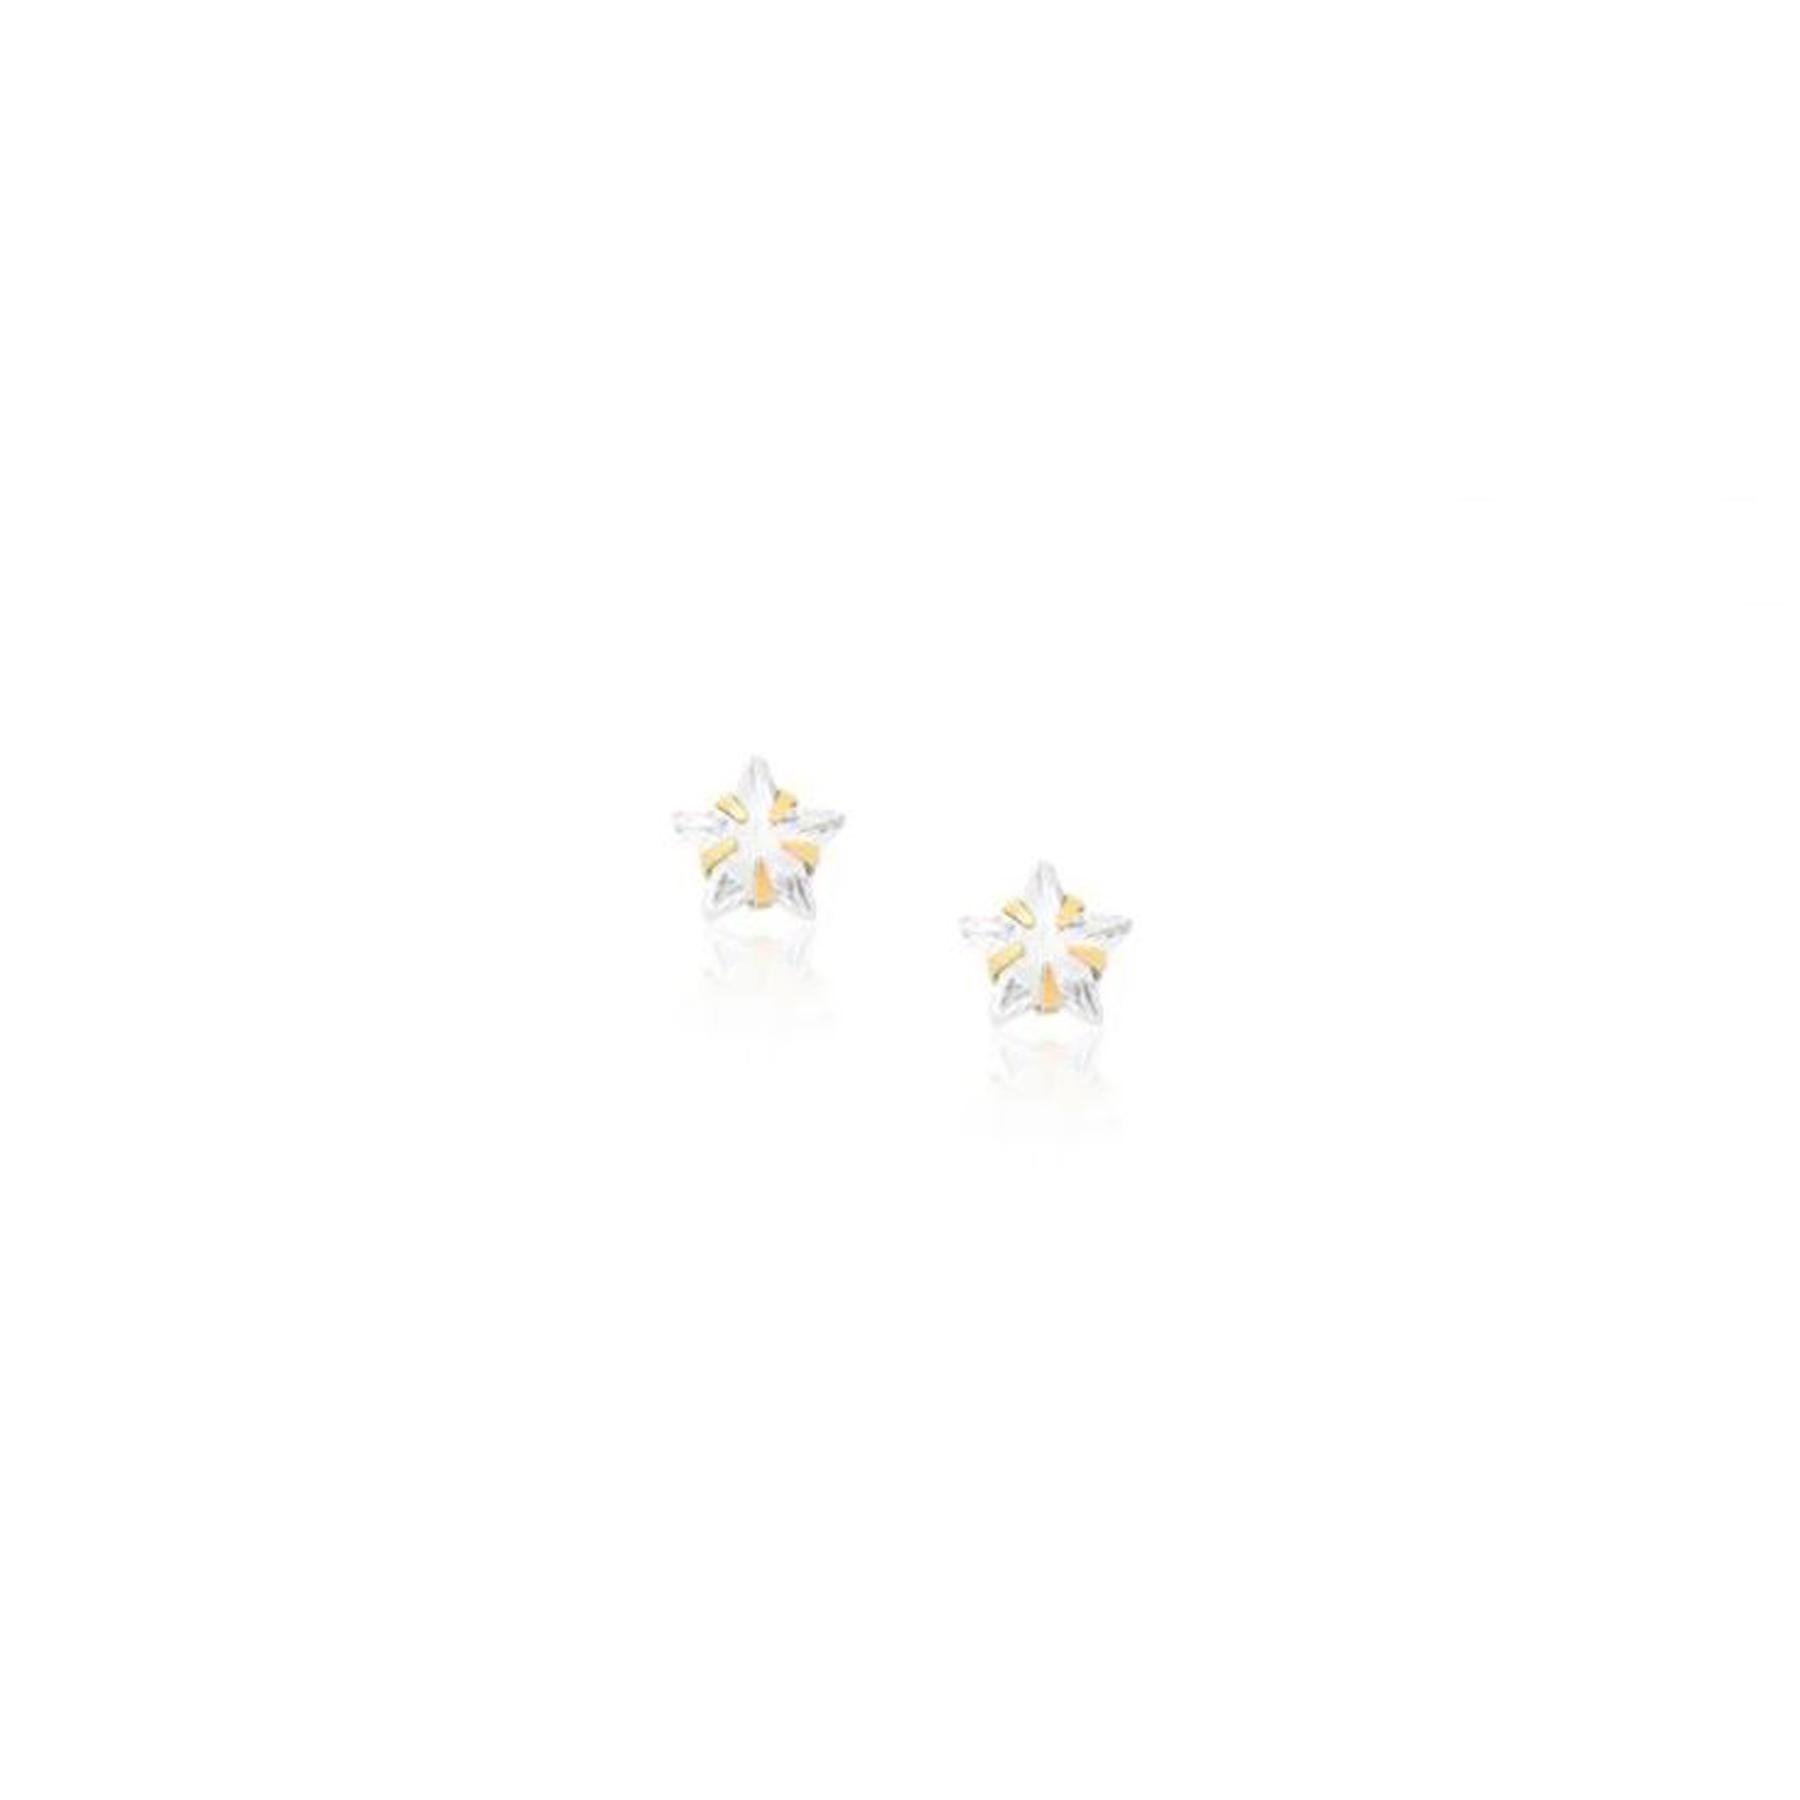 Brinco Folheado Ponto de Luz Estrela 6mm